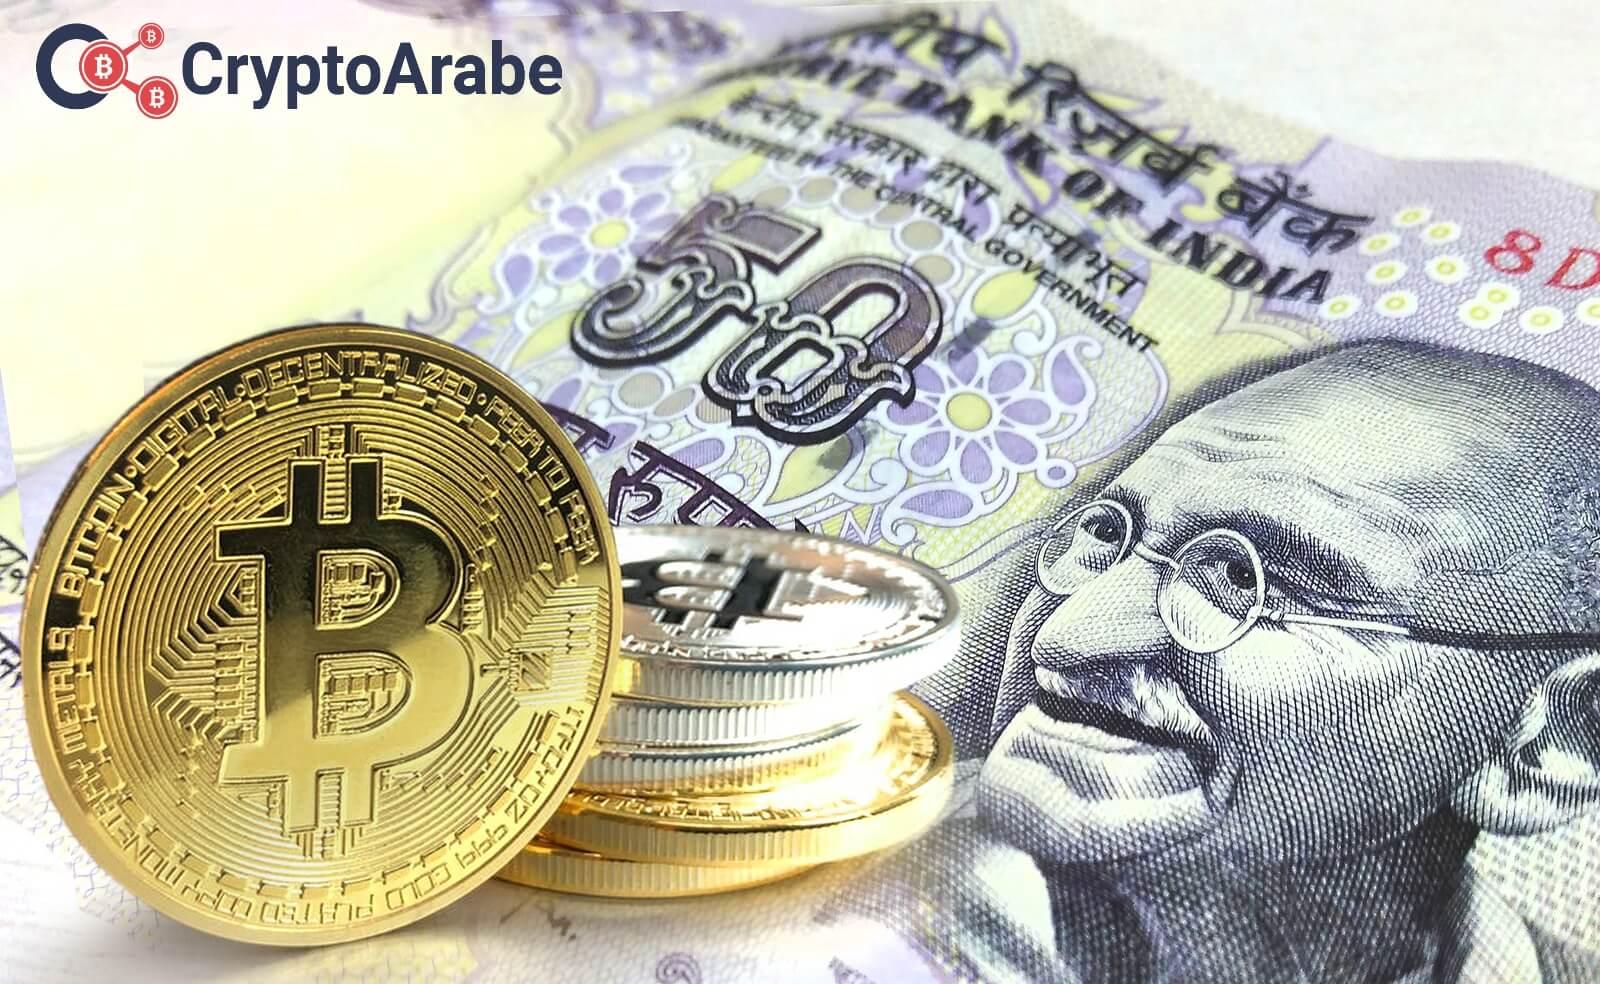 تجارة العملات الرقمية تضع لها الحكومة الهندية مسدوة تنظيمية